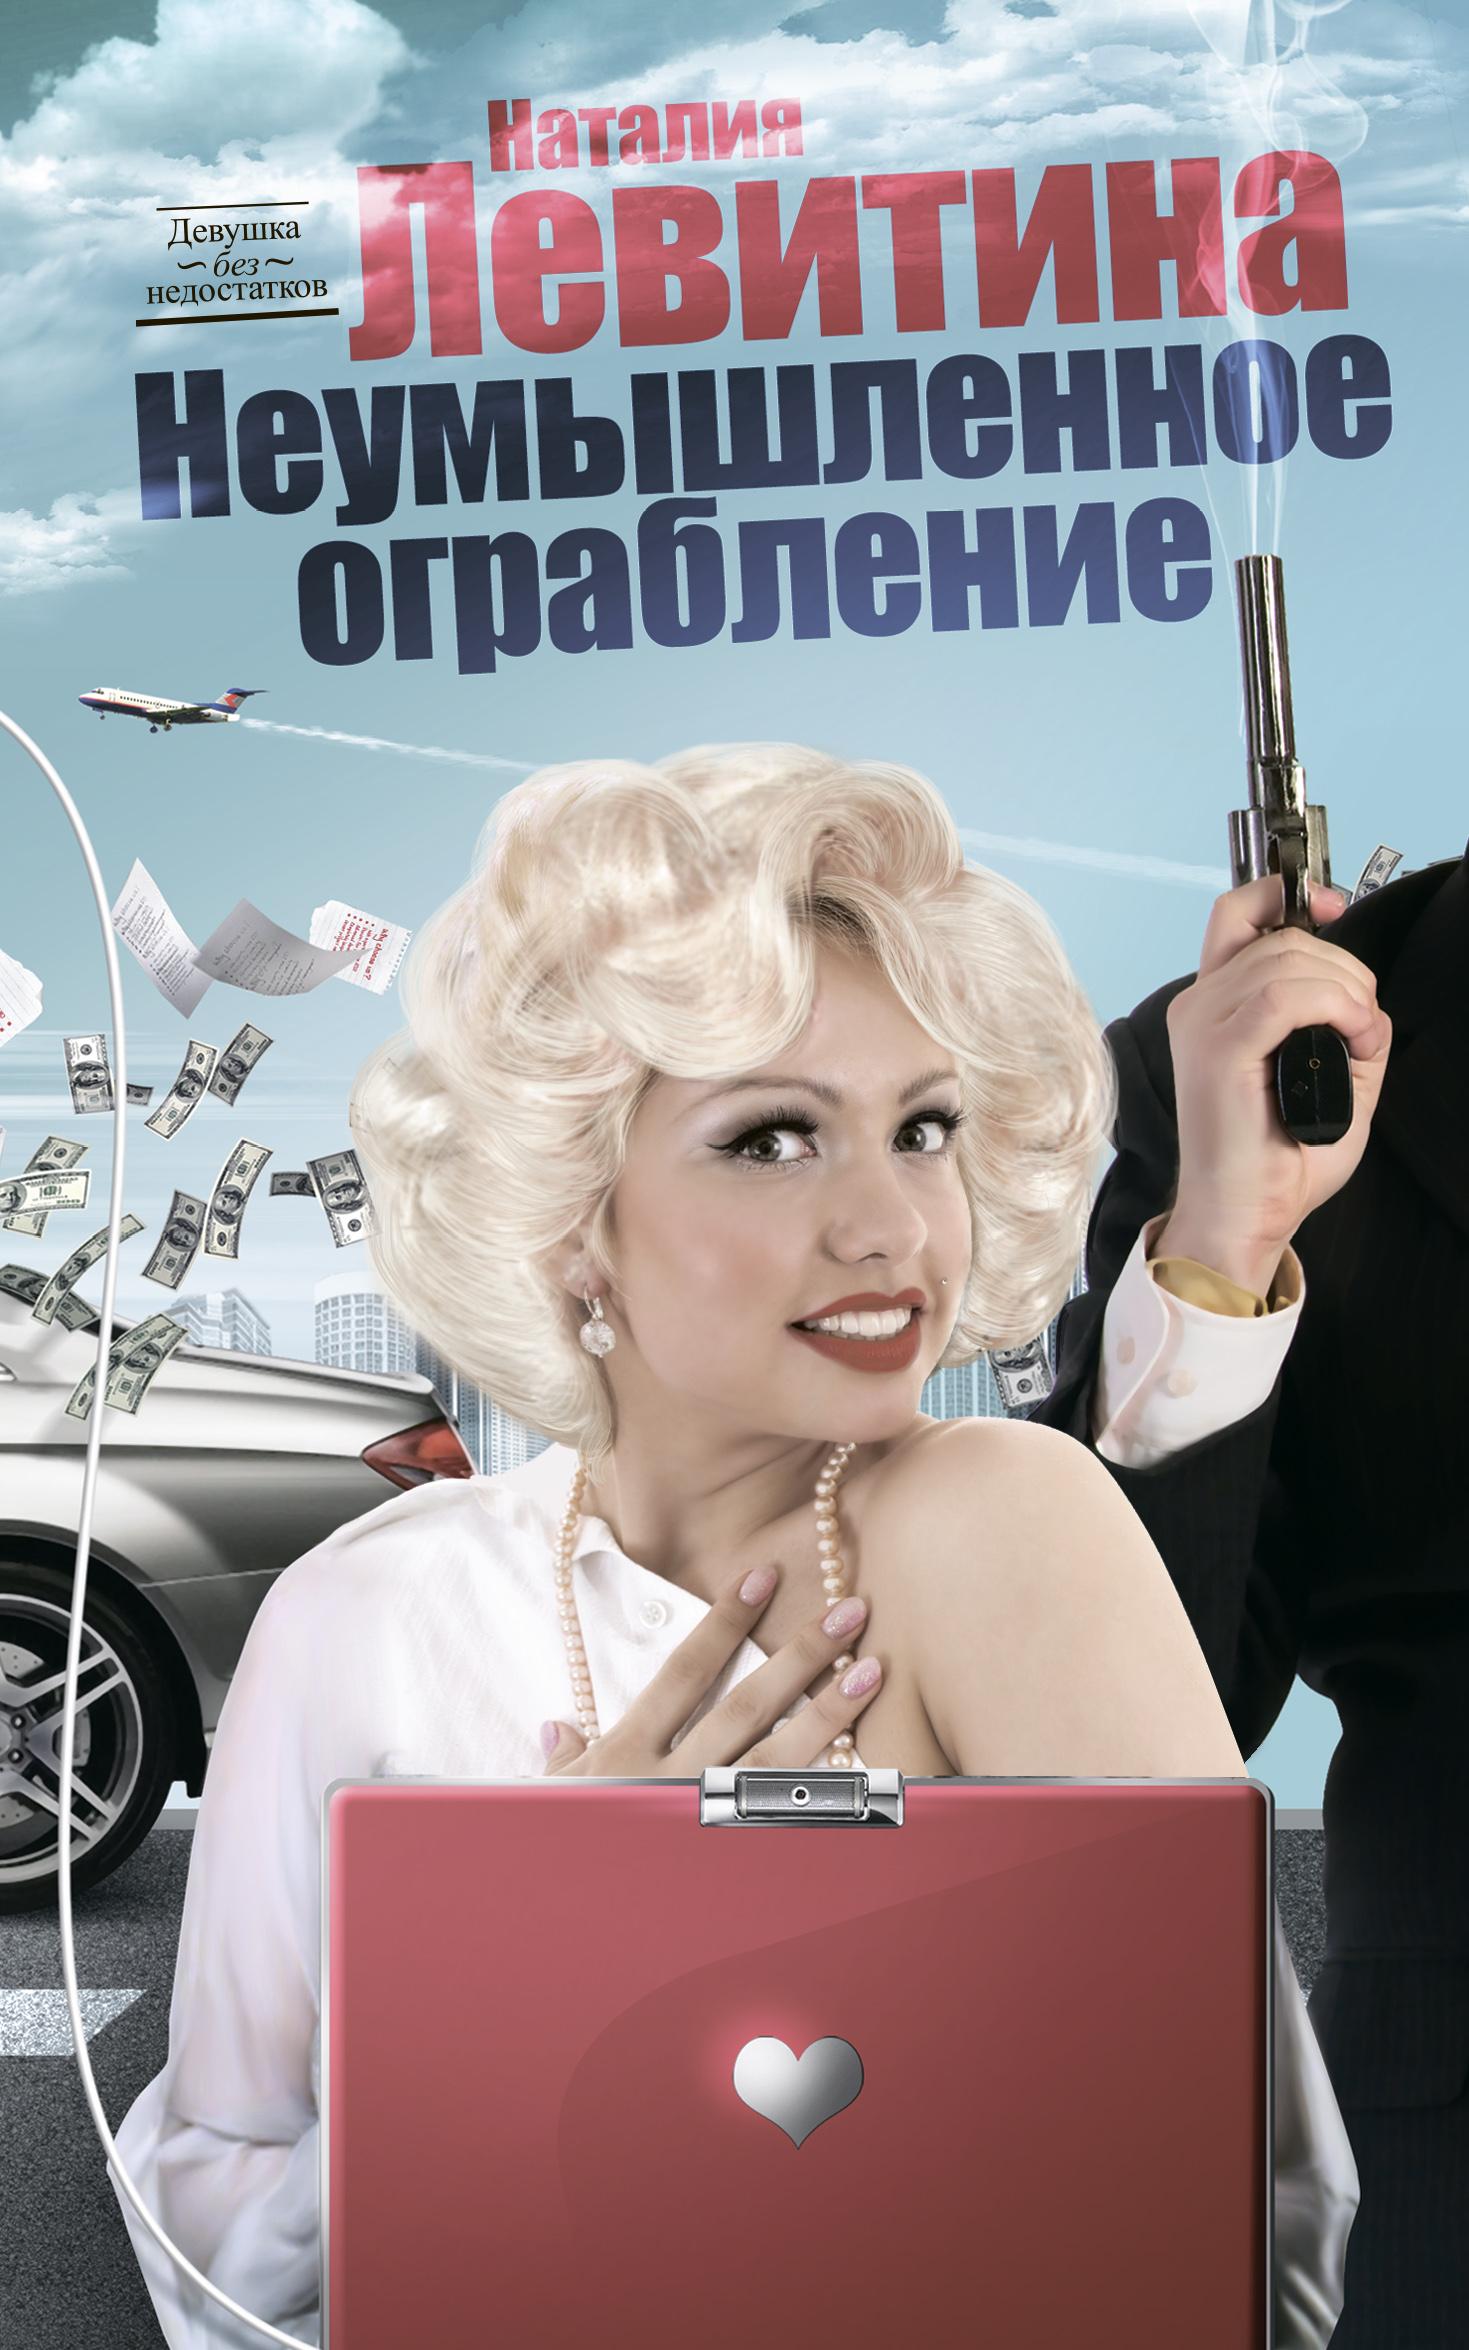 Наталия Левитина Неумышленное ограбление корпоративный пейнтбол